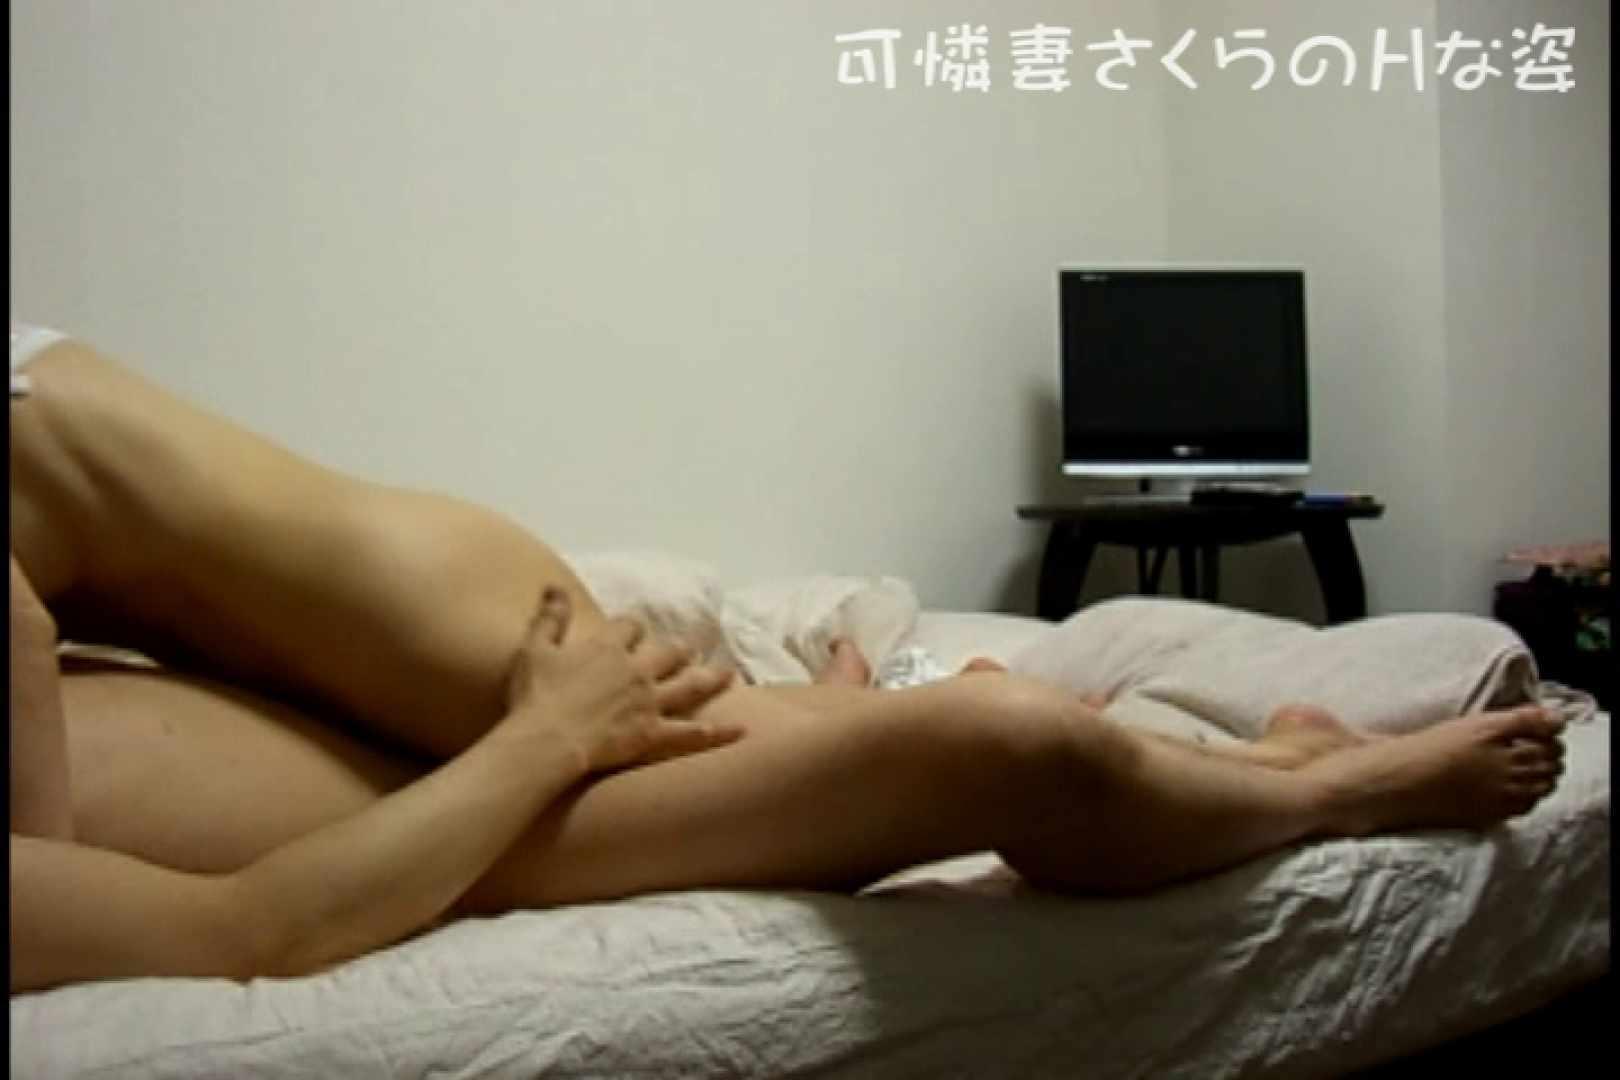 可憐妻さくらのHな姿vol.4後編 エッチなOL   セックス映像  108枚 65